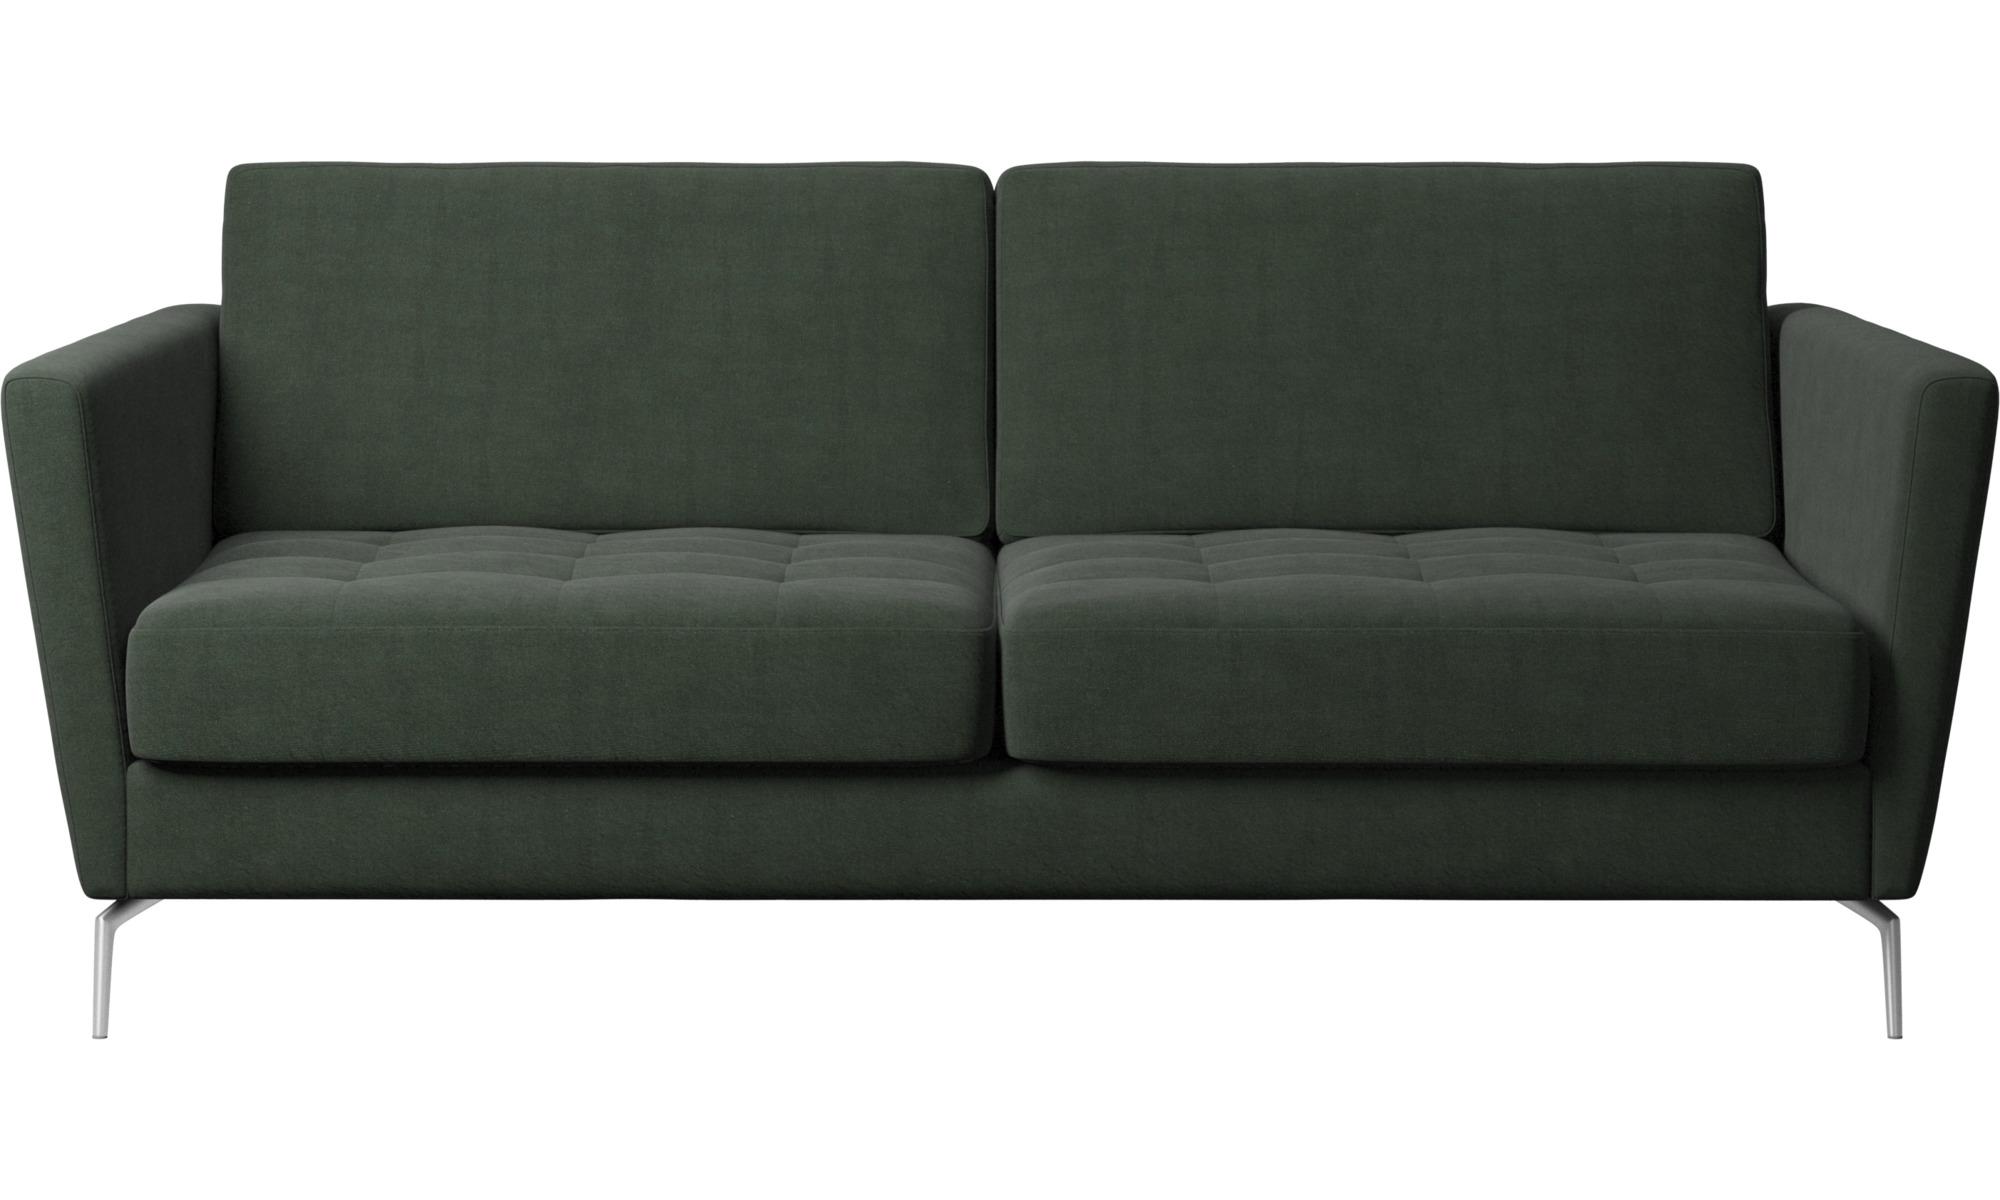 Sofy rozkładane - Sofa Osaka z funkcją spania, pikowane siedzisko - Zielony - Tkanina